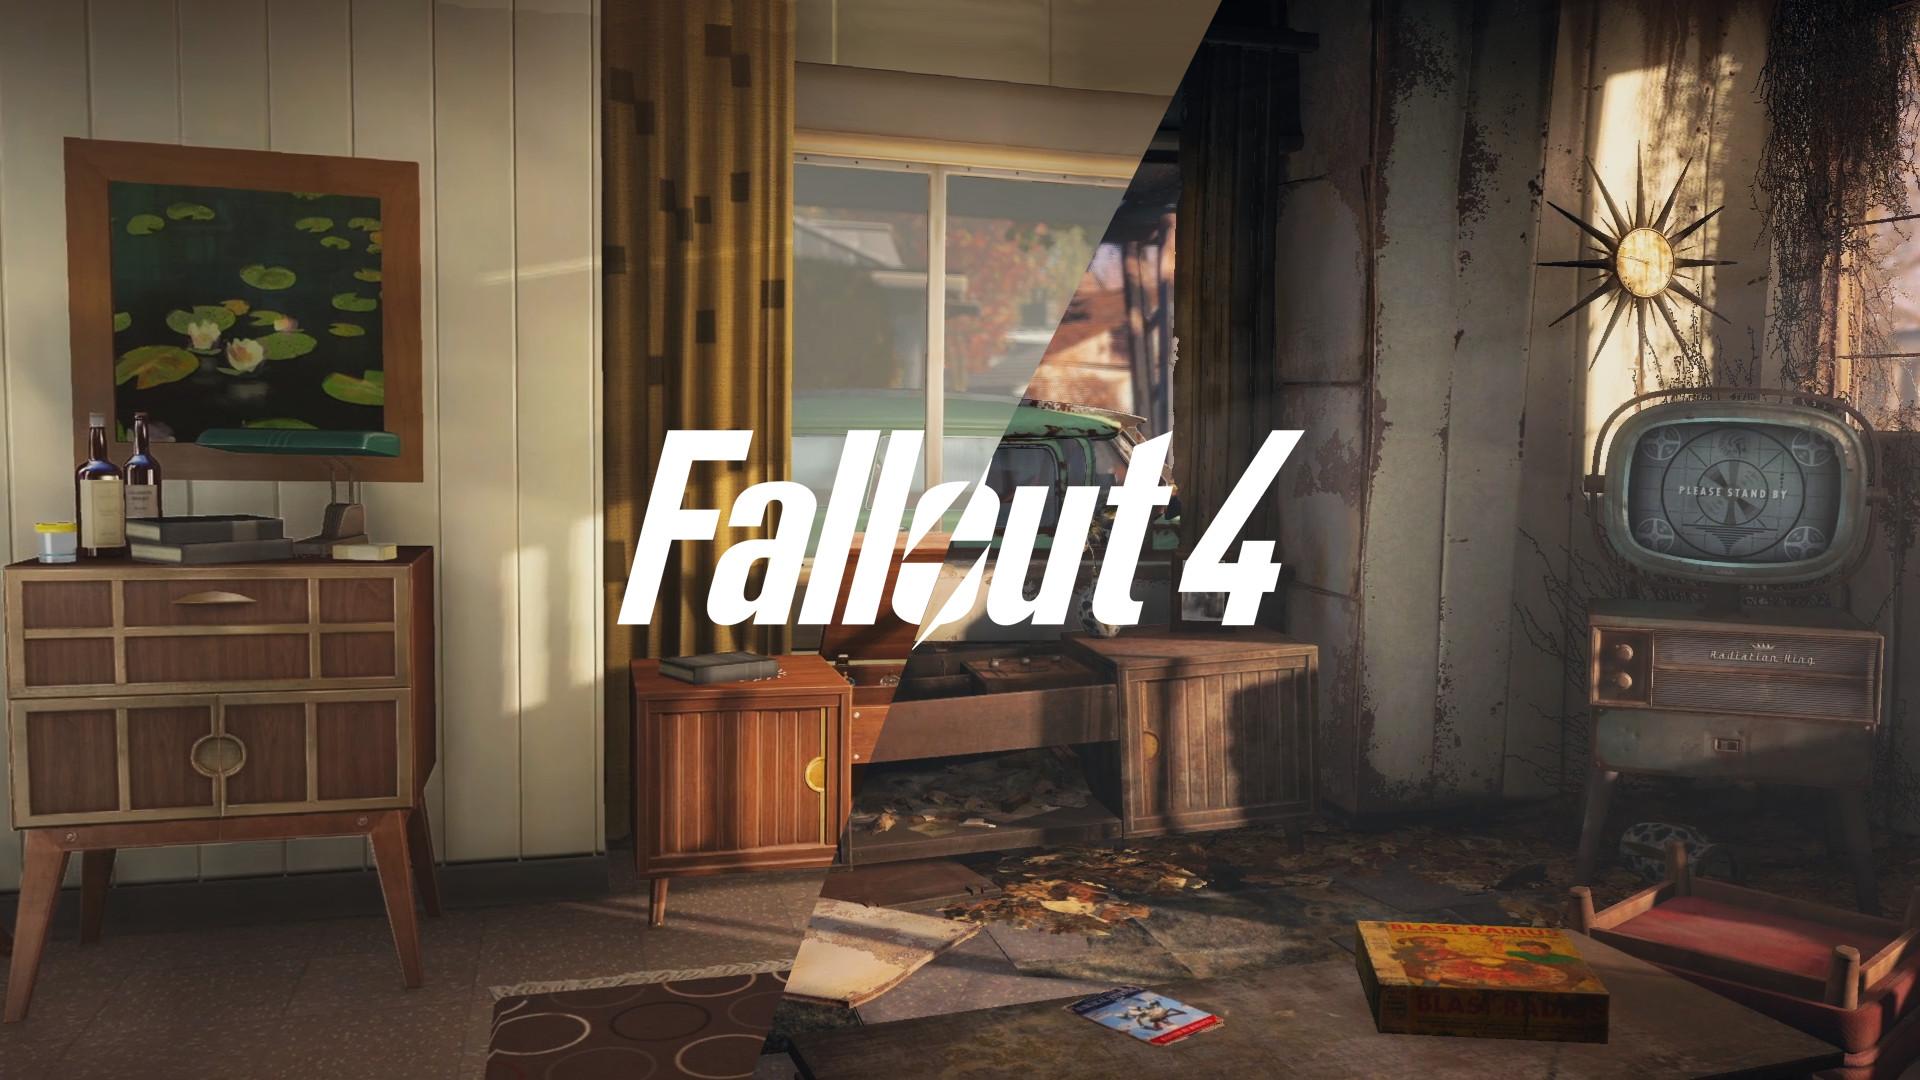 Adorable Fallout 4 4K Wallpaper, 4571378 px